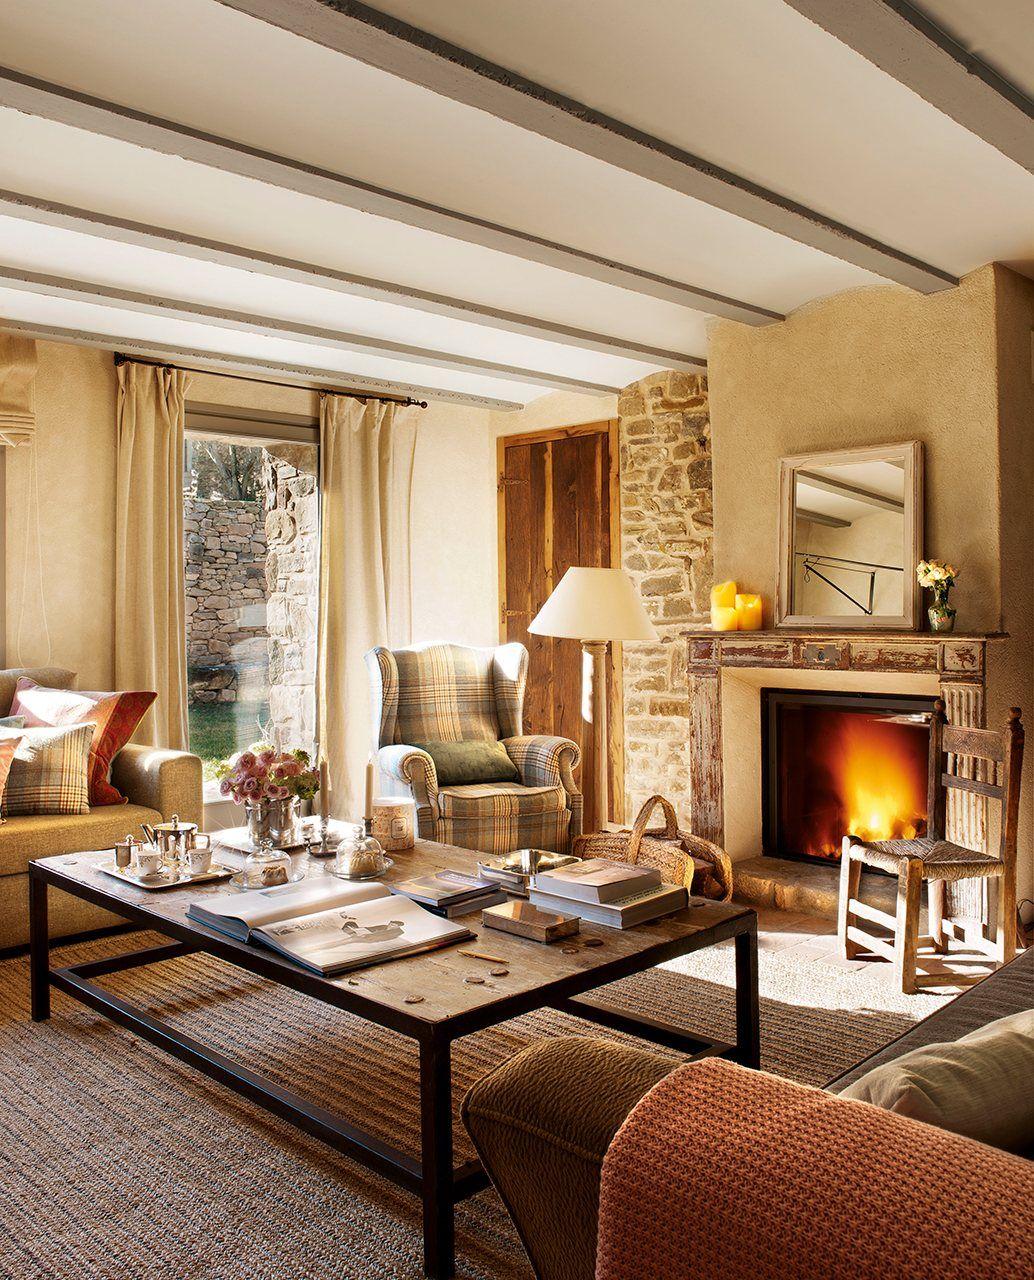 Dúo de paredes | Estilo francés, Casas rústicas y Rústico